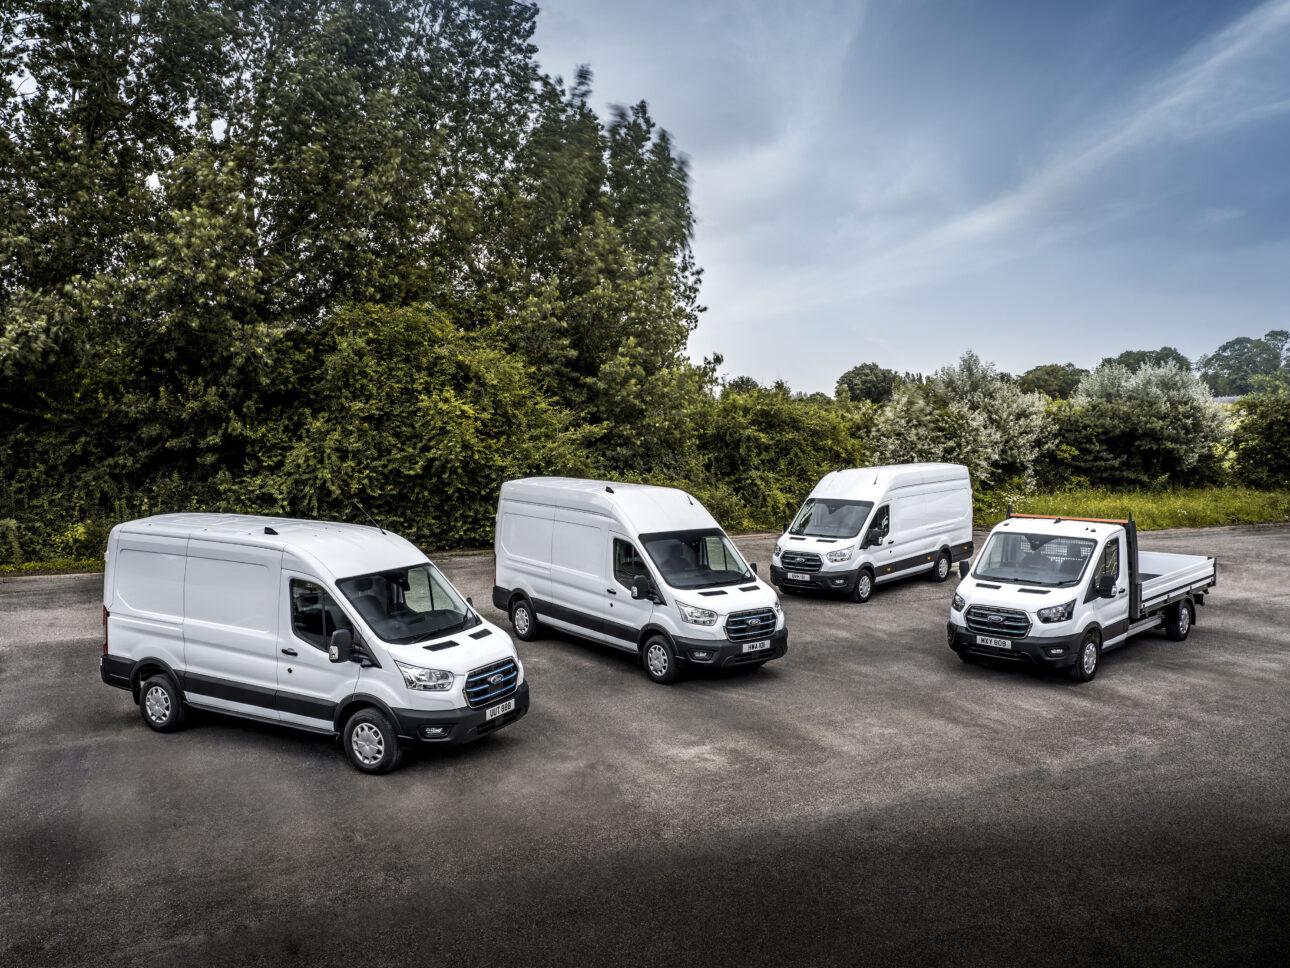 Ford E-Transit wjeżdża na europejskie drogi, a klienci flotowi rozpoczynają testy oszczędnego, w pełni elektrycznego modelu dostawczego